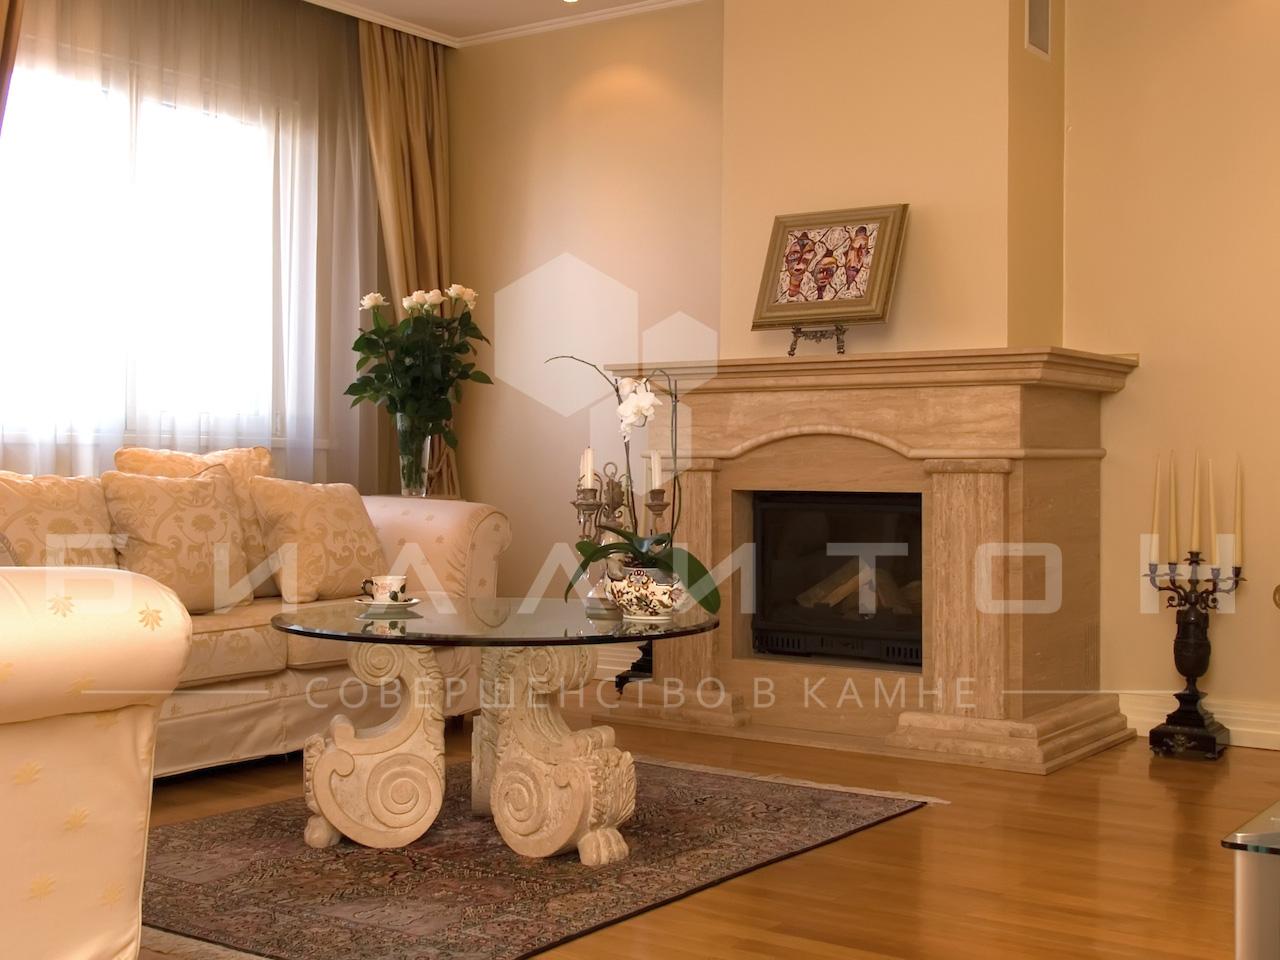 Камины в интерьере гостиной фото своими руками